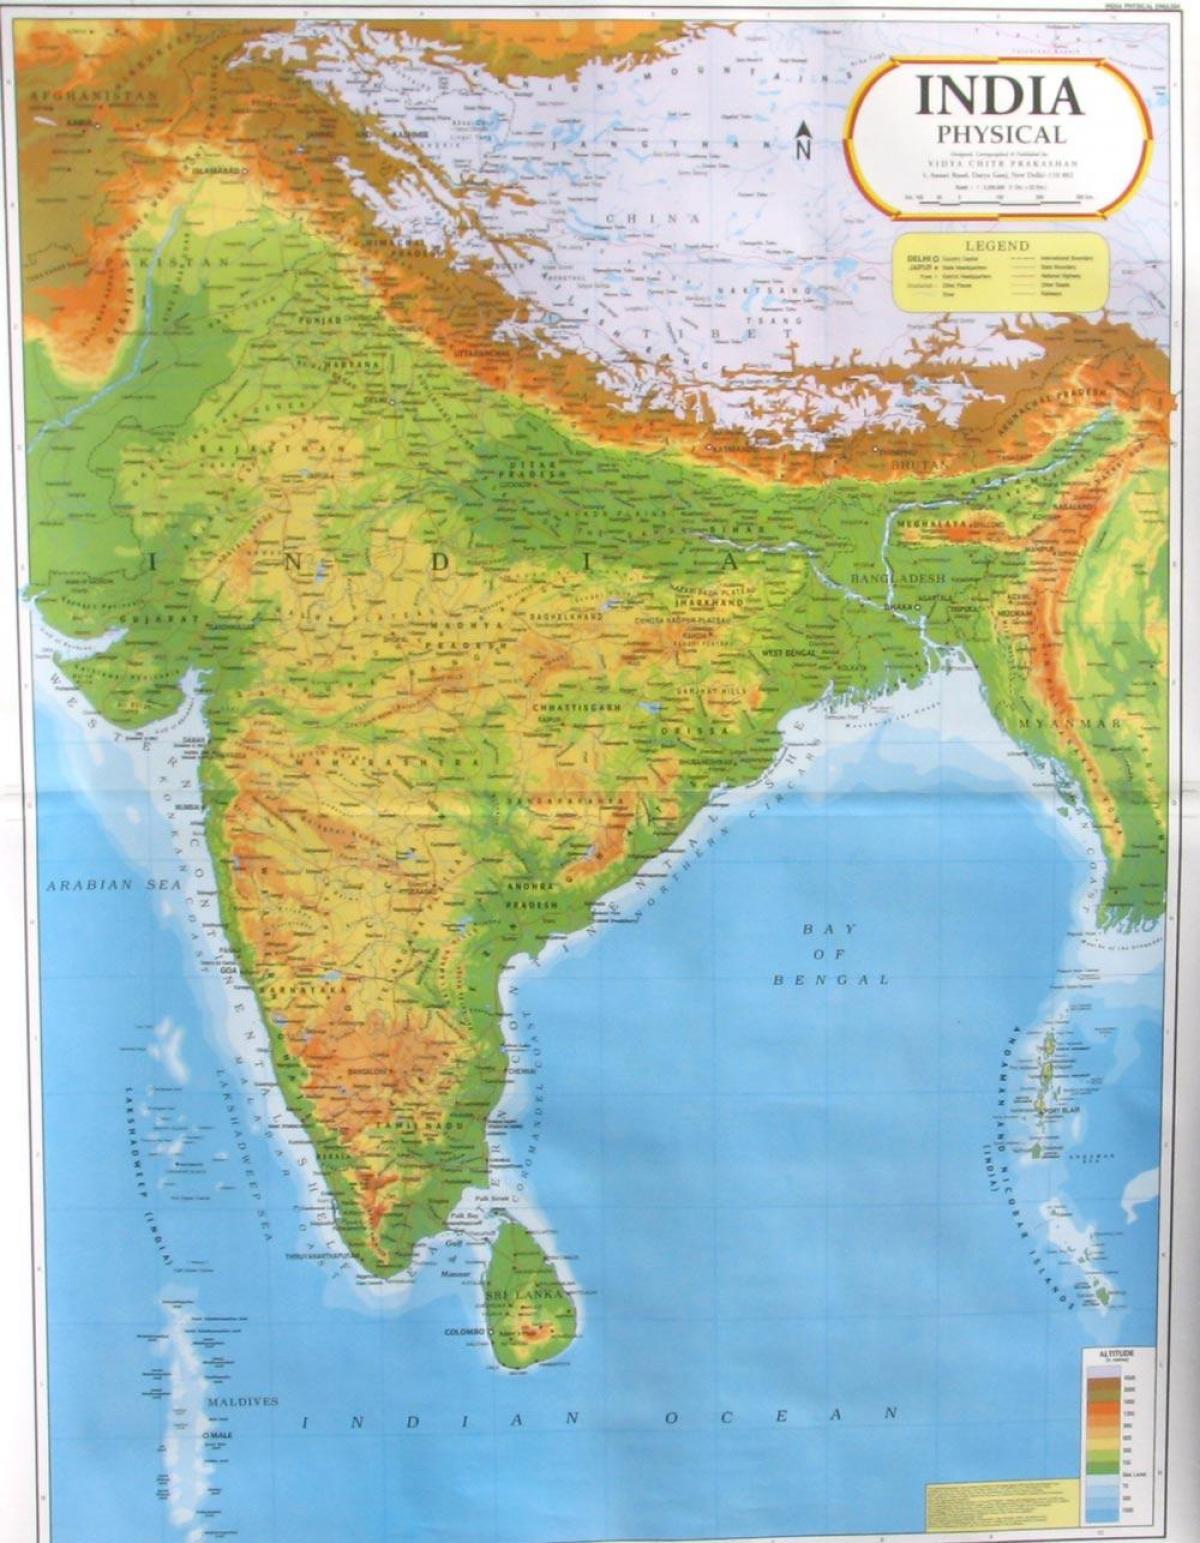 https://nl.maps-india-in.com/img/1200/india-verlichting-voorzien-kaart.jpg